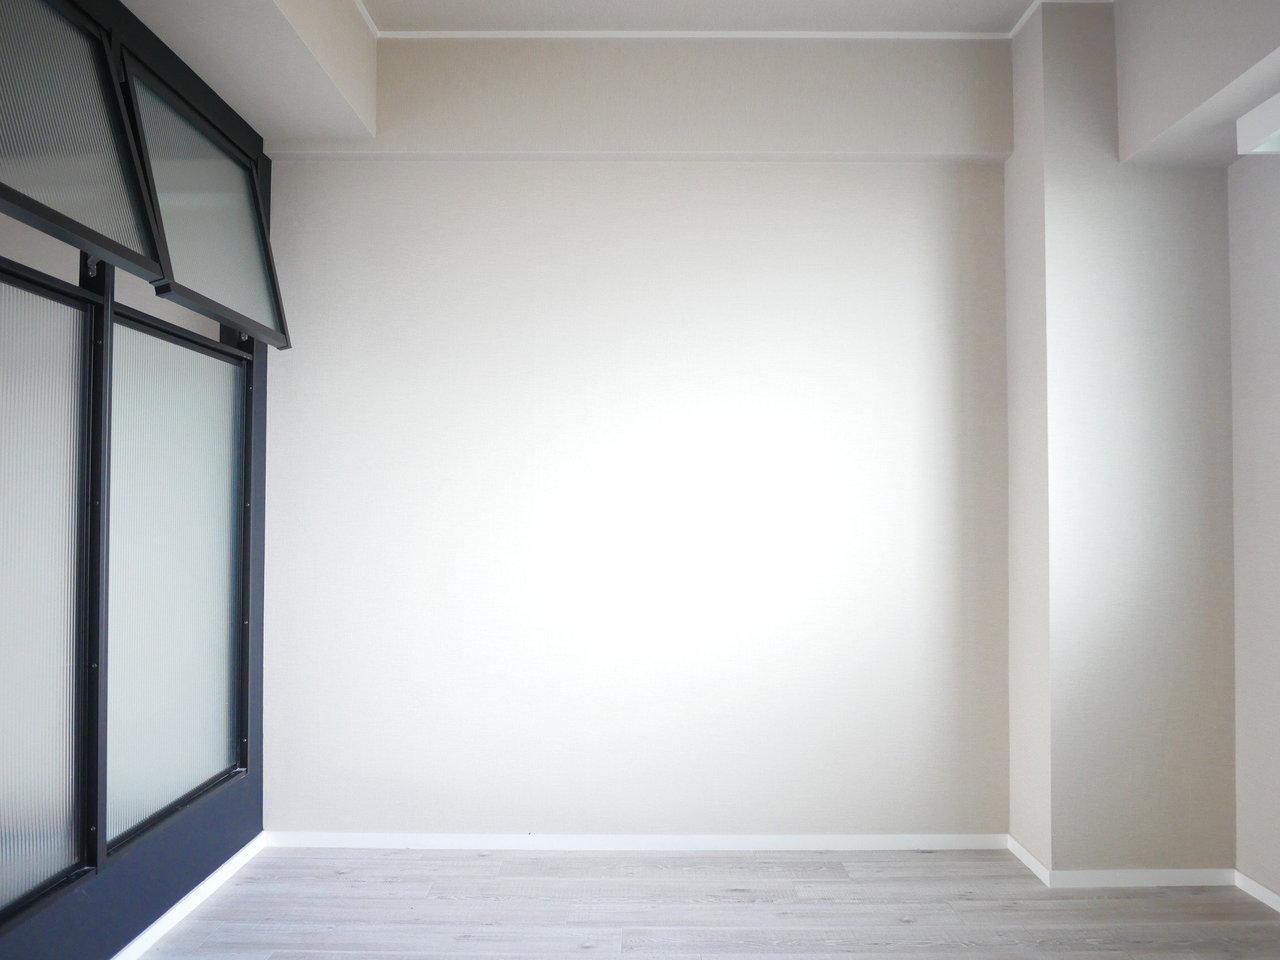 もうひとつの奥にあるお部屋は約5畳。仕切りがスケルトンであるため、個室感は多少薄まりますが、その分自然光がたっぷり入るので、明るくて気持ちが良いのが特徴です。